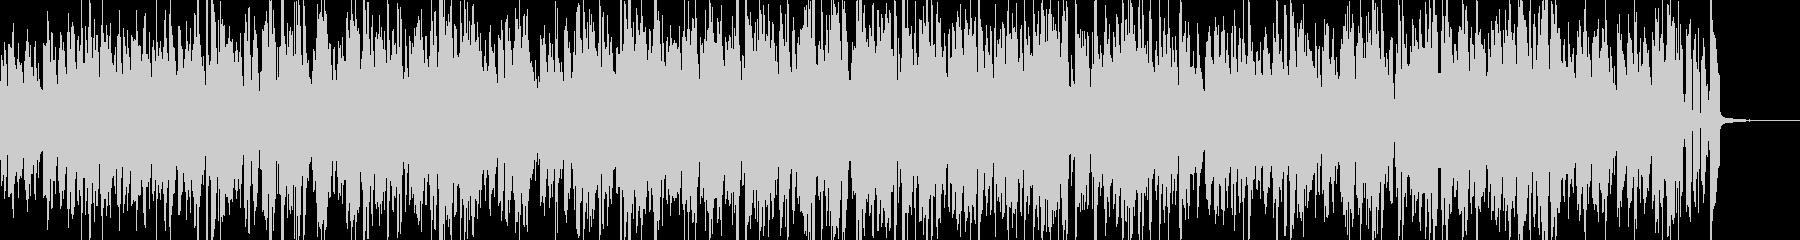 ピアノ・トリオNo.1の未再生の波形